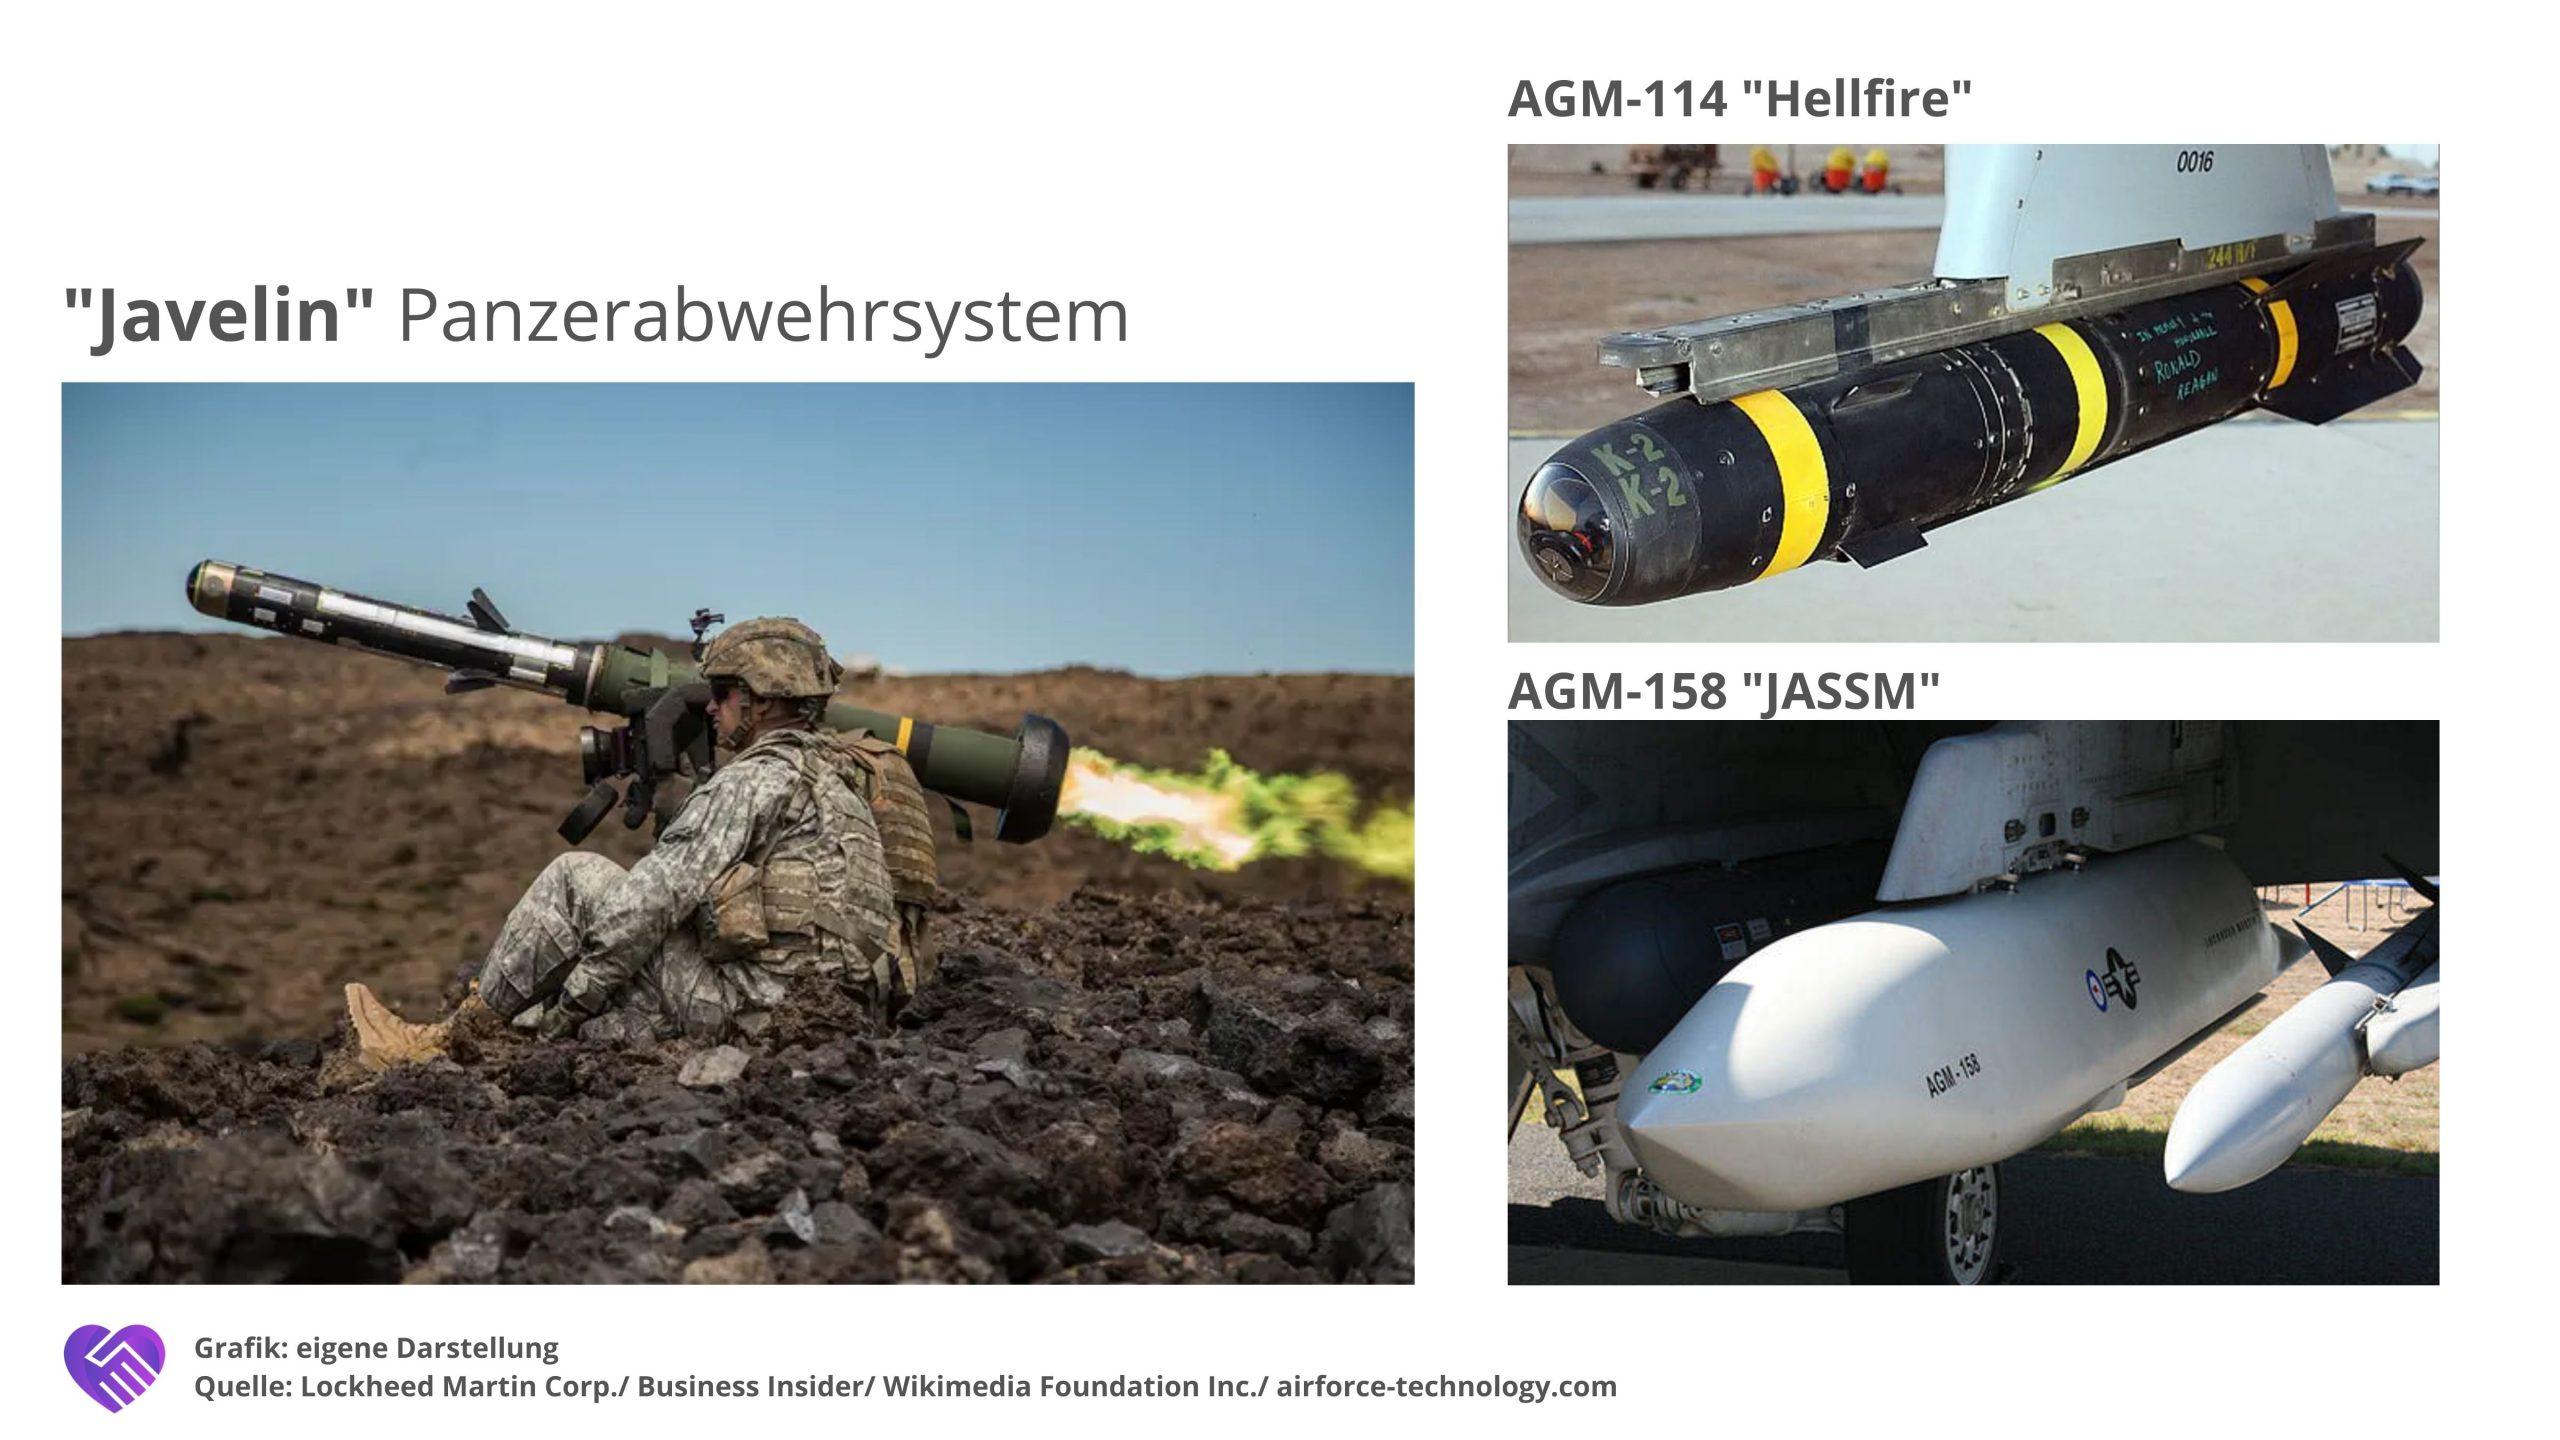 Lockheed Martin Aktie Analyse Geschäftsmodell Javelin AGM